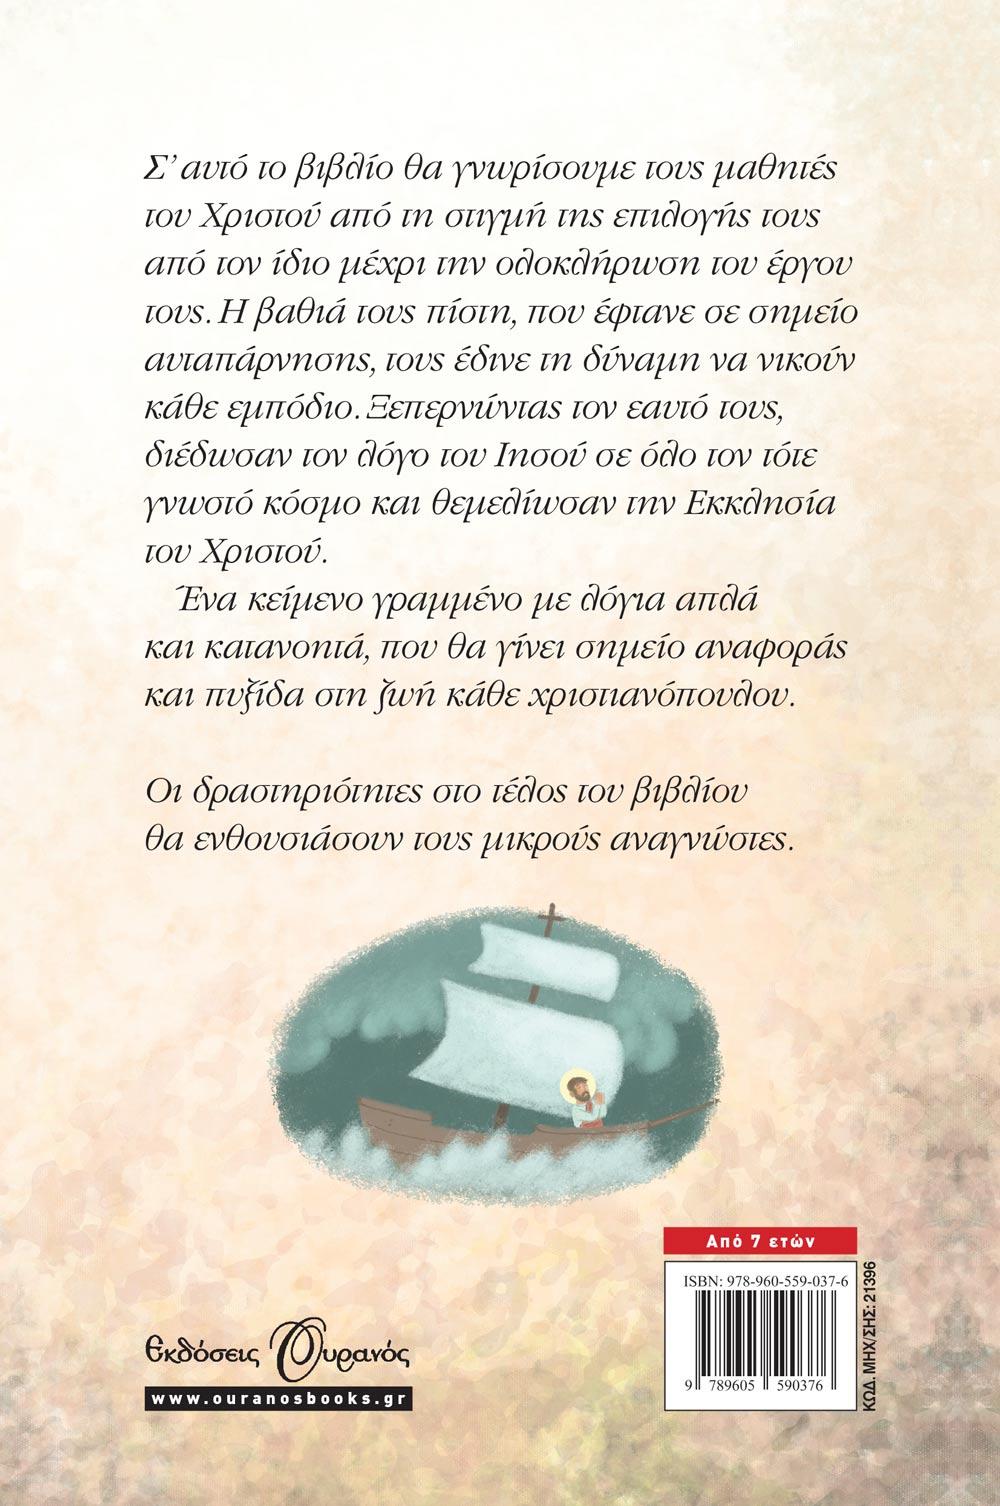 ΟΙ ΑΠΟΣΤΟΛΟΙ ΤΟΥ ΟΥΡΑΝΟΥ - ΚΑΤΕΡΙΝΑ ΜΟΥΡΙΚΗ